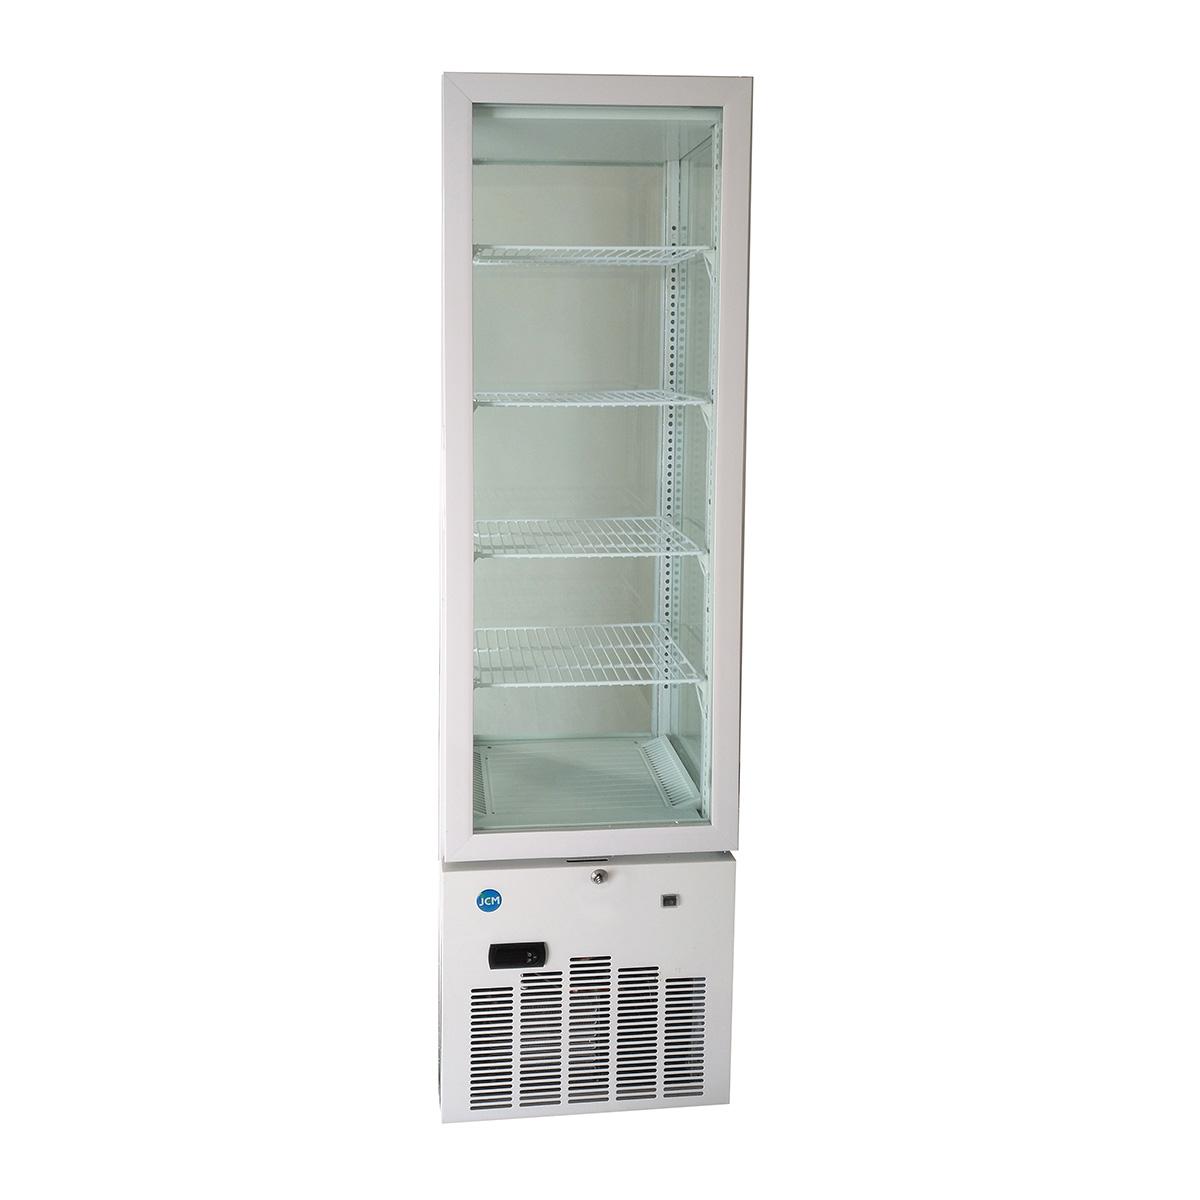 JCM 4面ガラス冷蔵ショーケース(片面扉) 128L JCMS-128 業務用 タテ型 冷蔵 保冷庫 ショーケース LED 【代引不可】